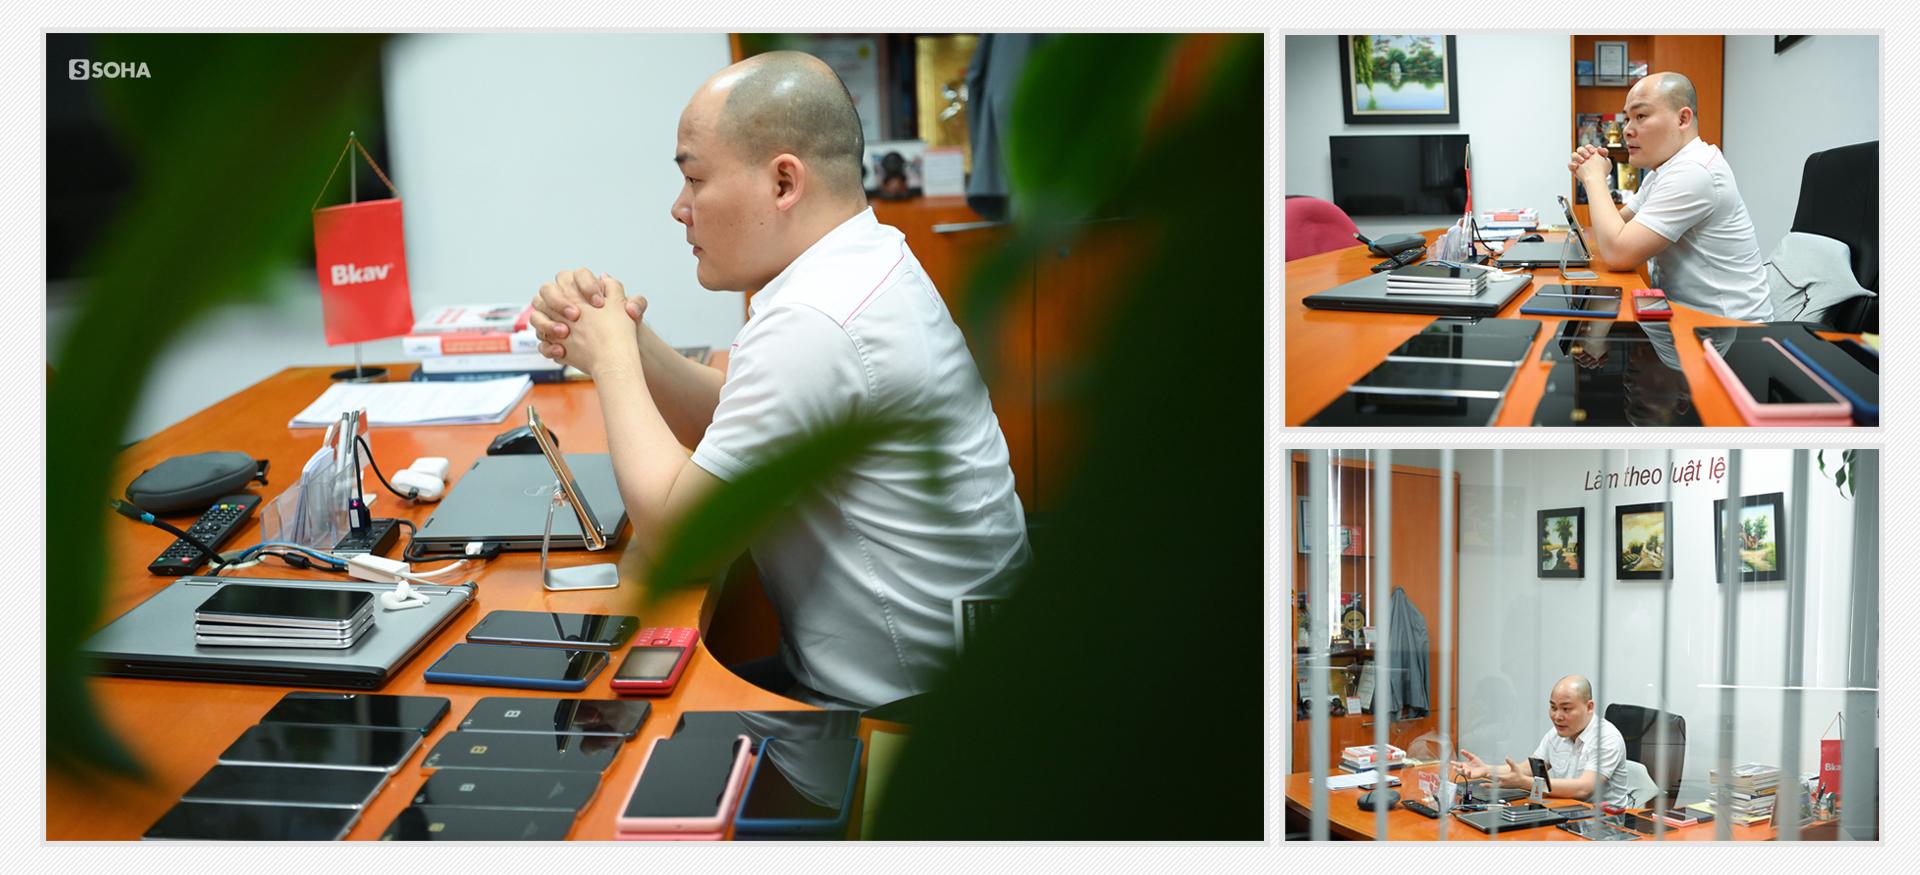 [Bí mật phòng sếp] Căn phòng không thể tin nổi của Nguyễn Tử Quảng và kiểu quần áo không đổi suốt 10 năm - Ảnh 12.